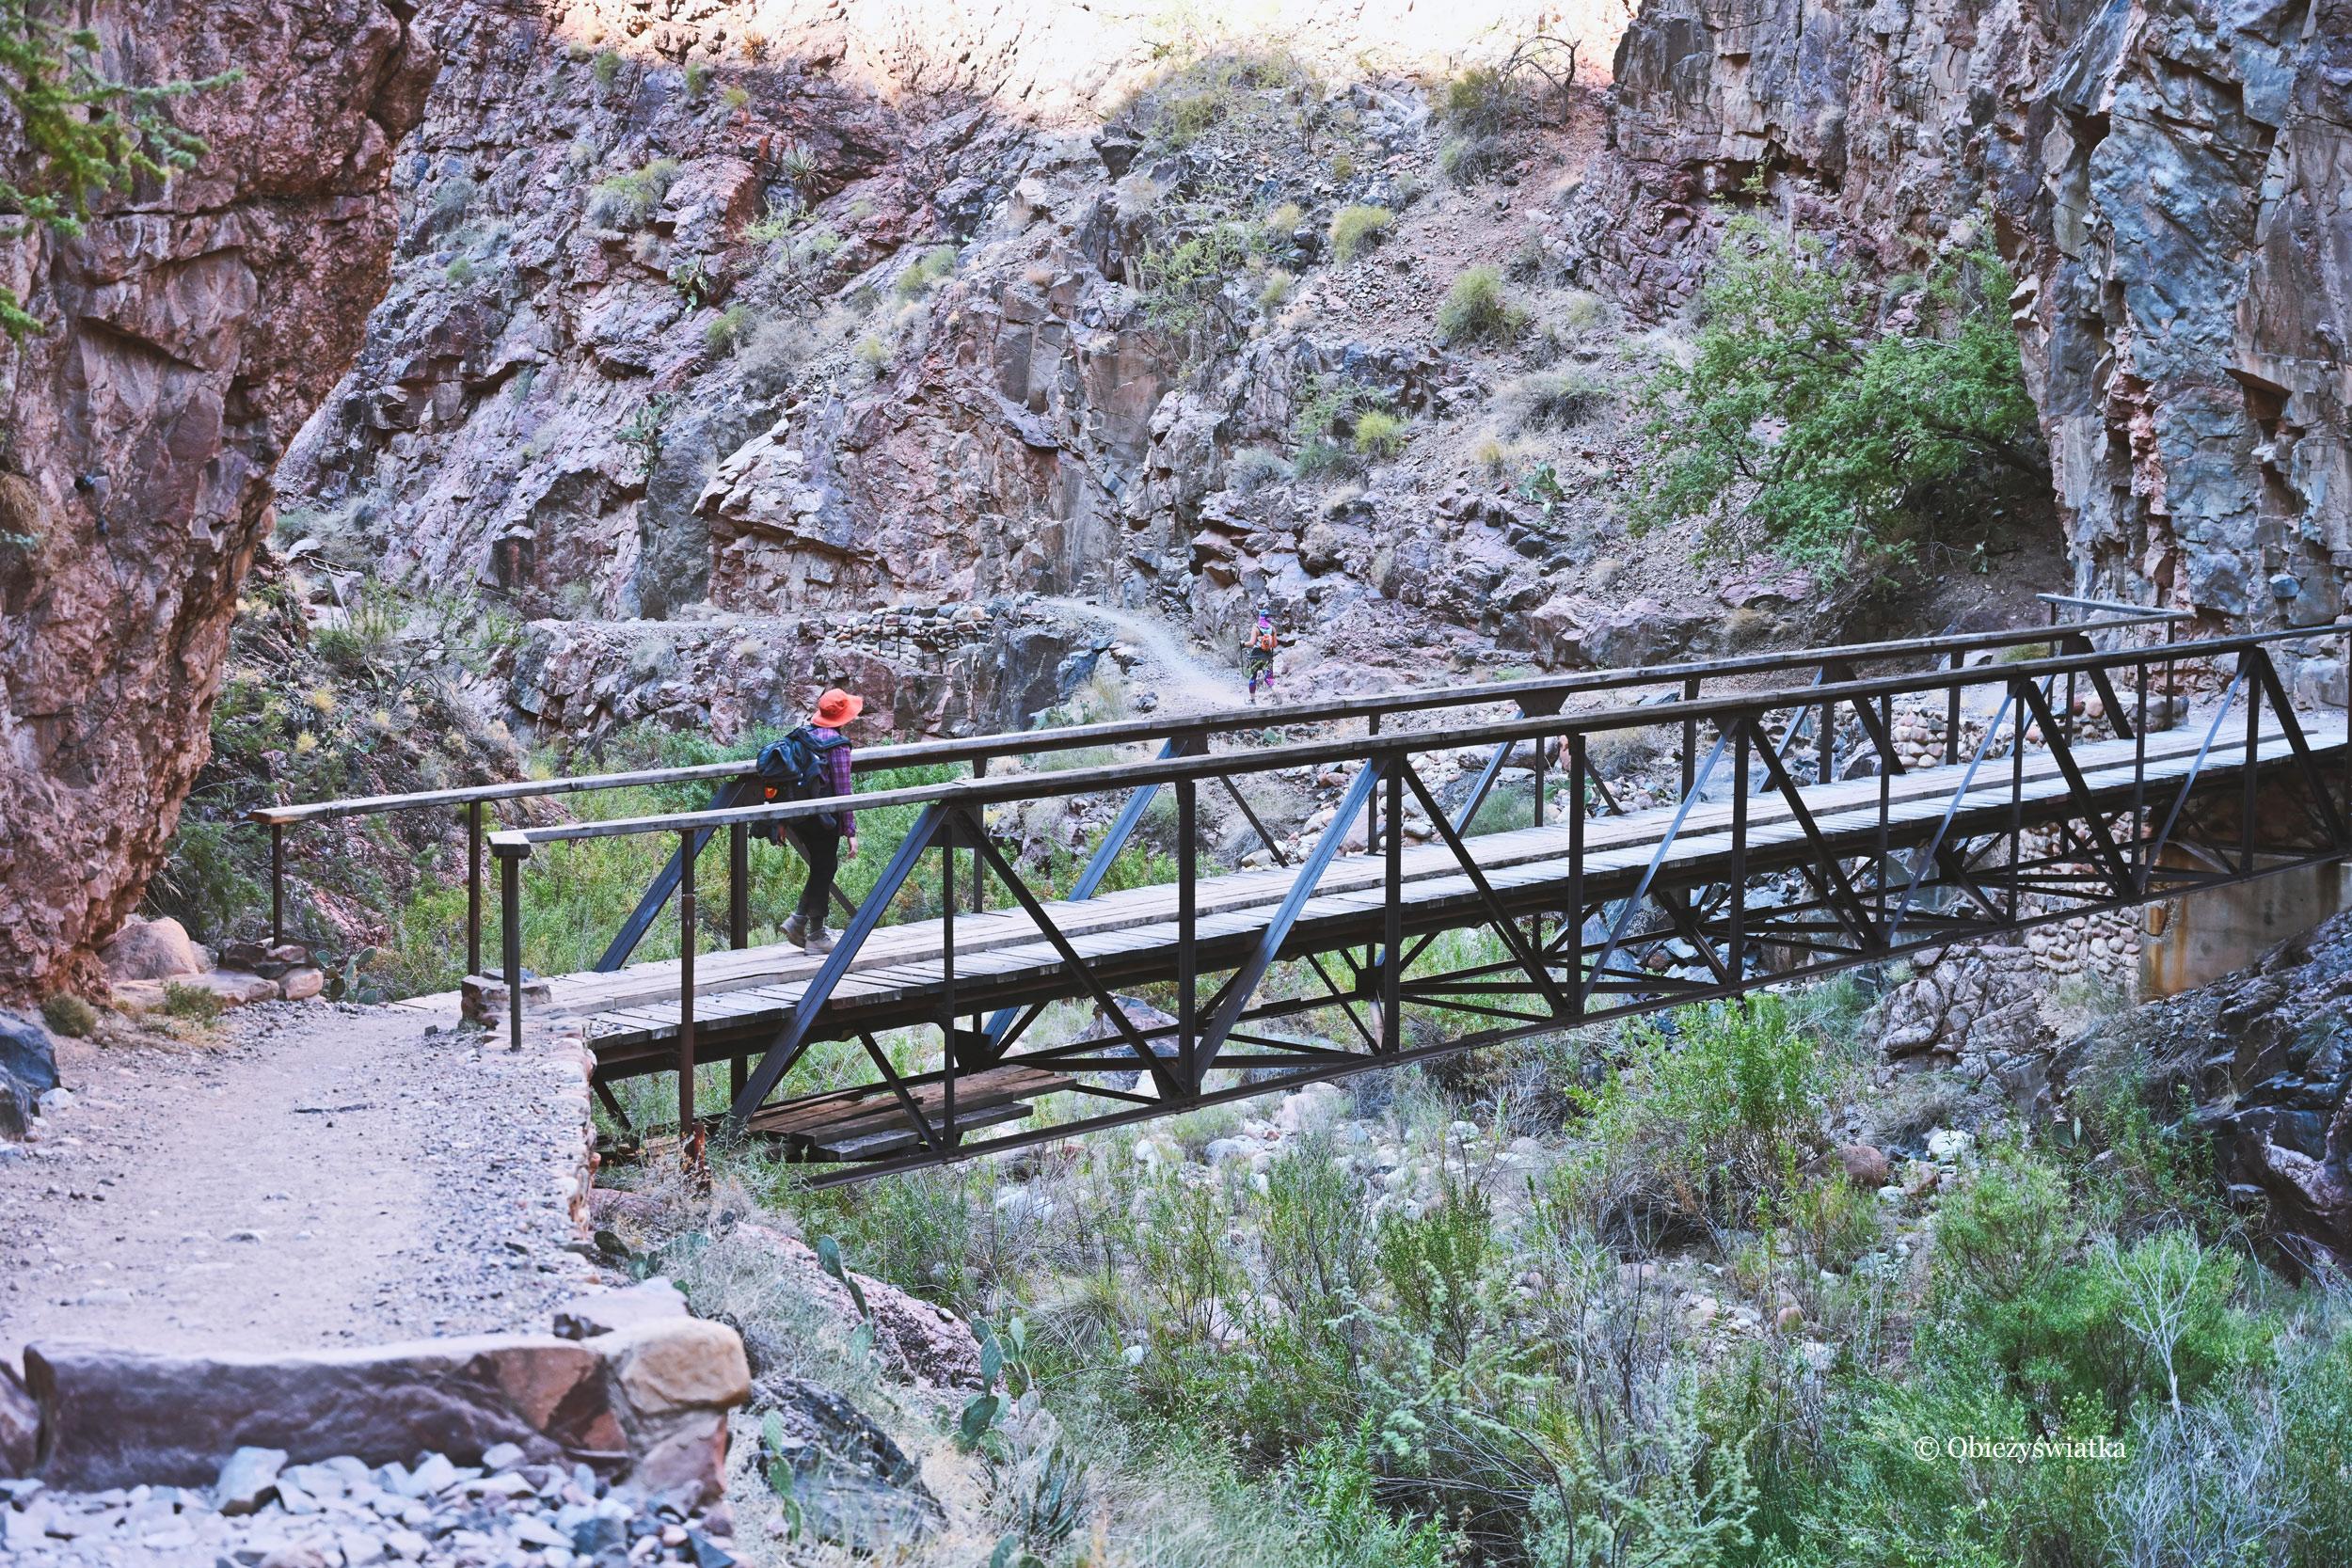 Wędruję sobie po szlaku North Kaibab Trail, Grand Canyon, wczesny październikowy ranek